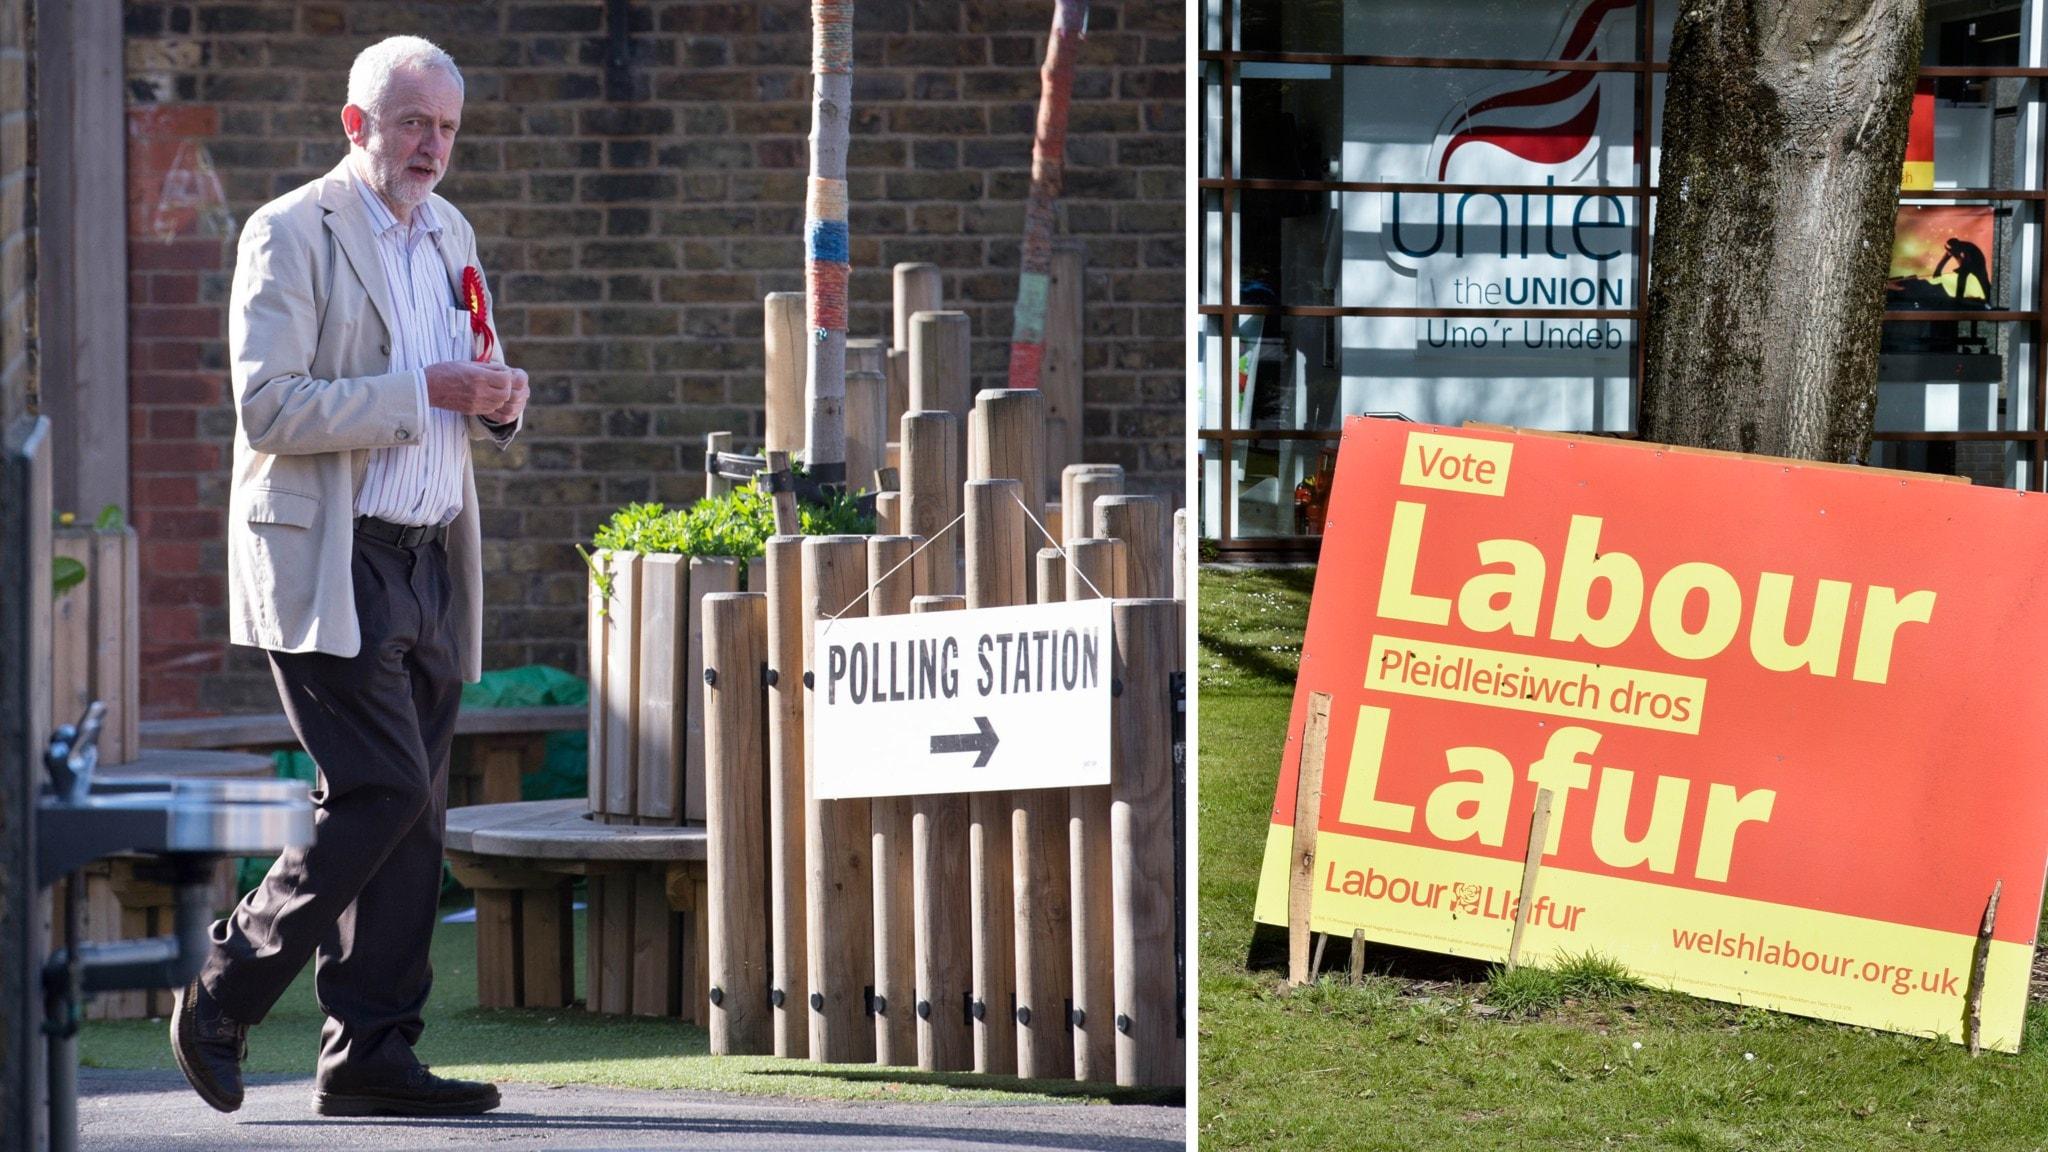 Labour leder i storbritannien